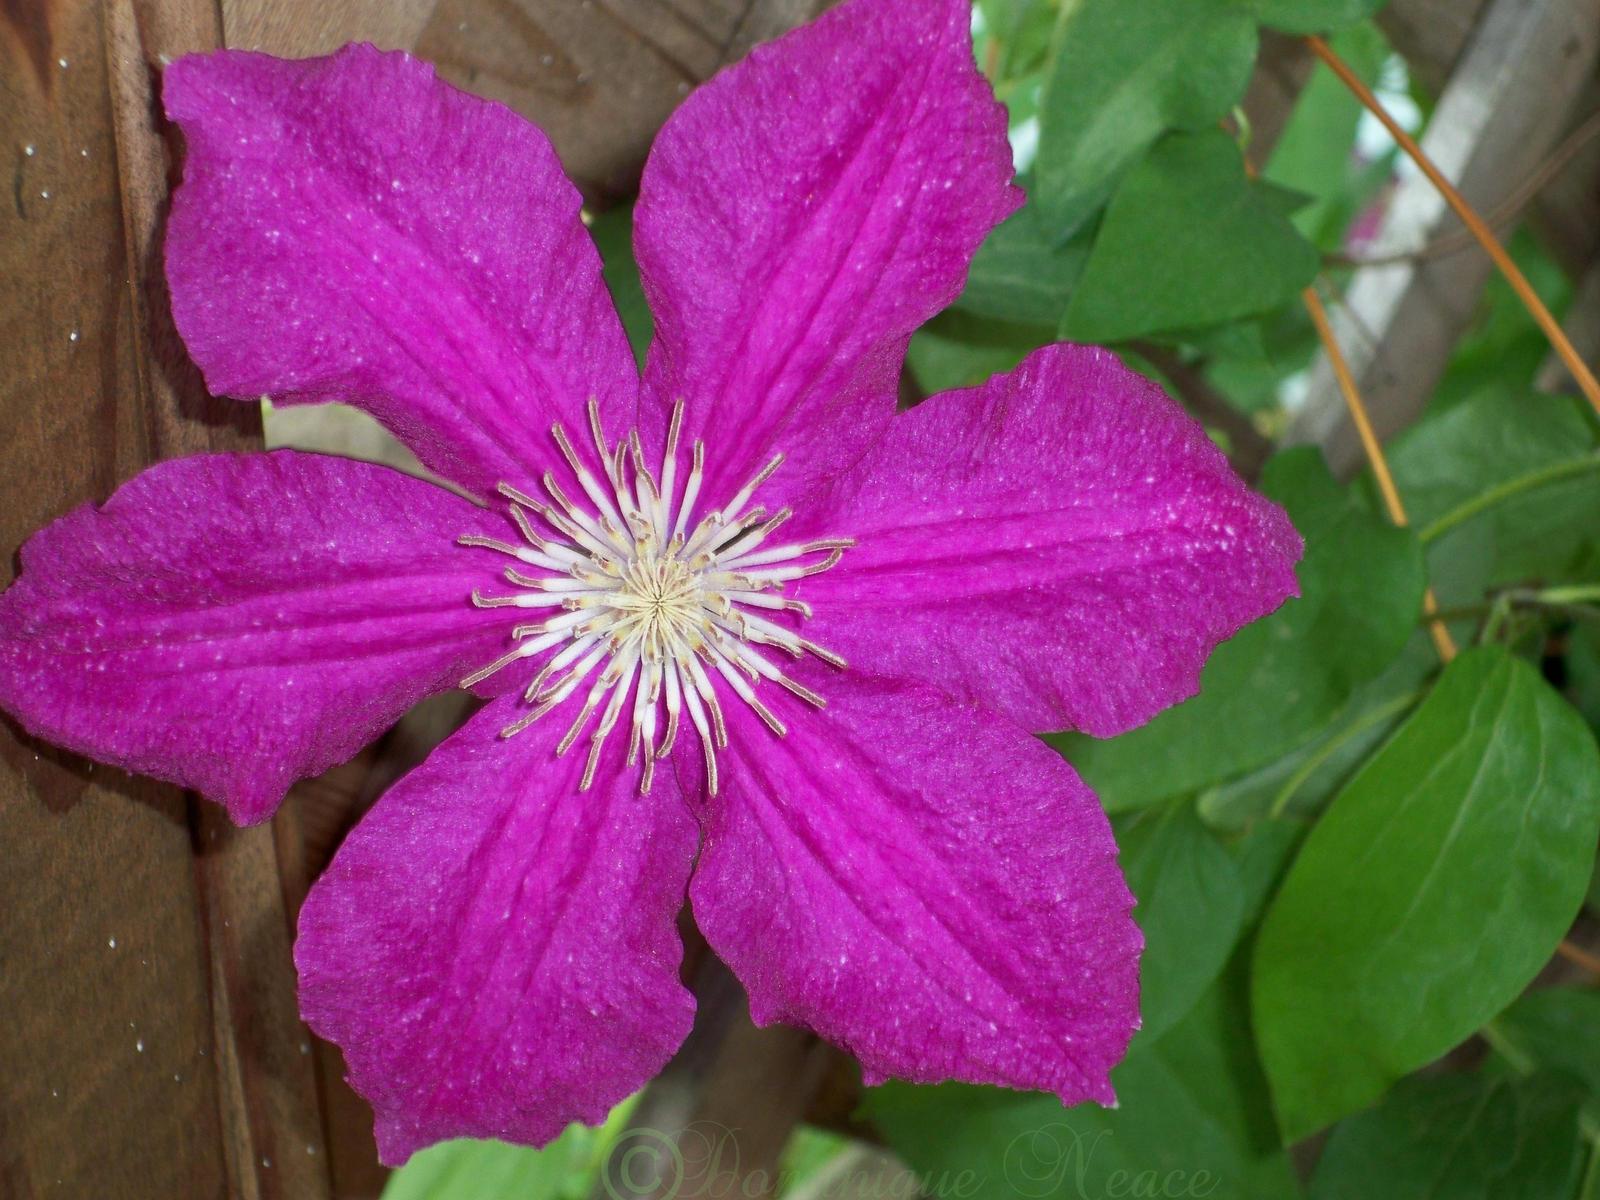 Purple Clematis Flower by magickmuffinzombie on DeviantArt